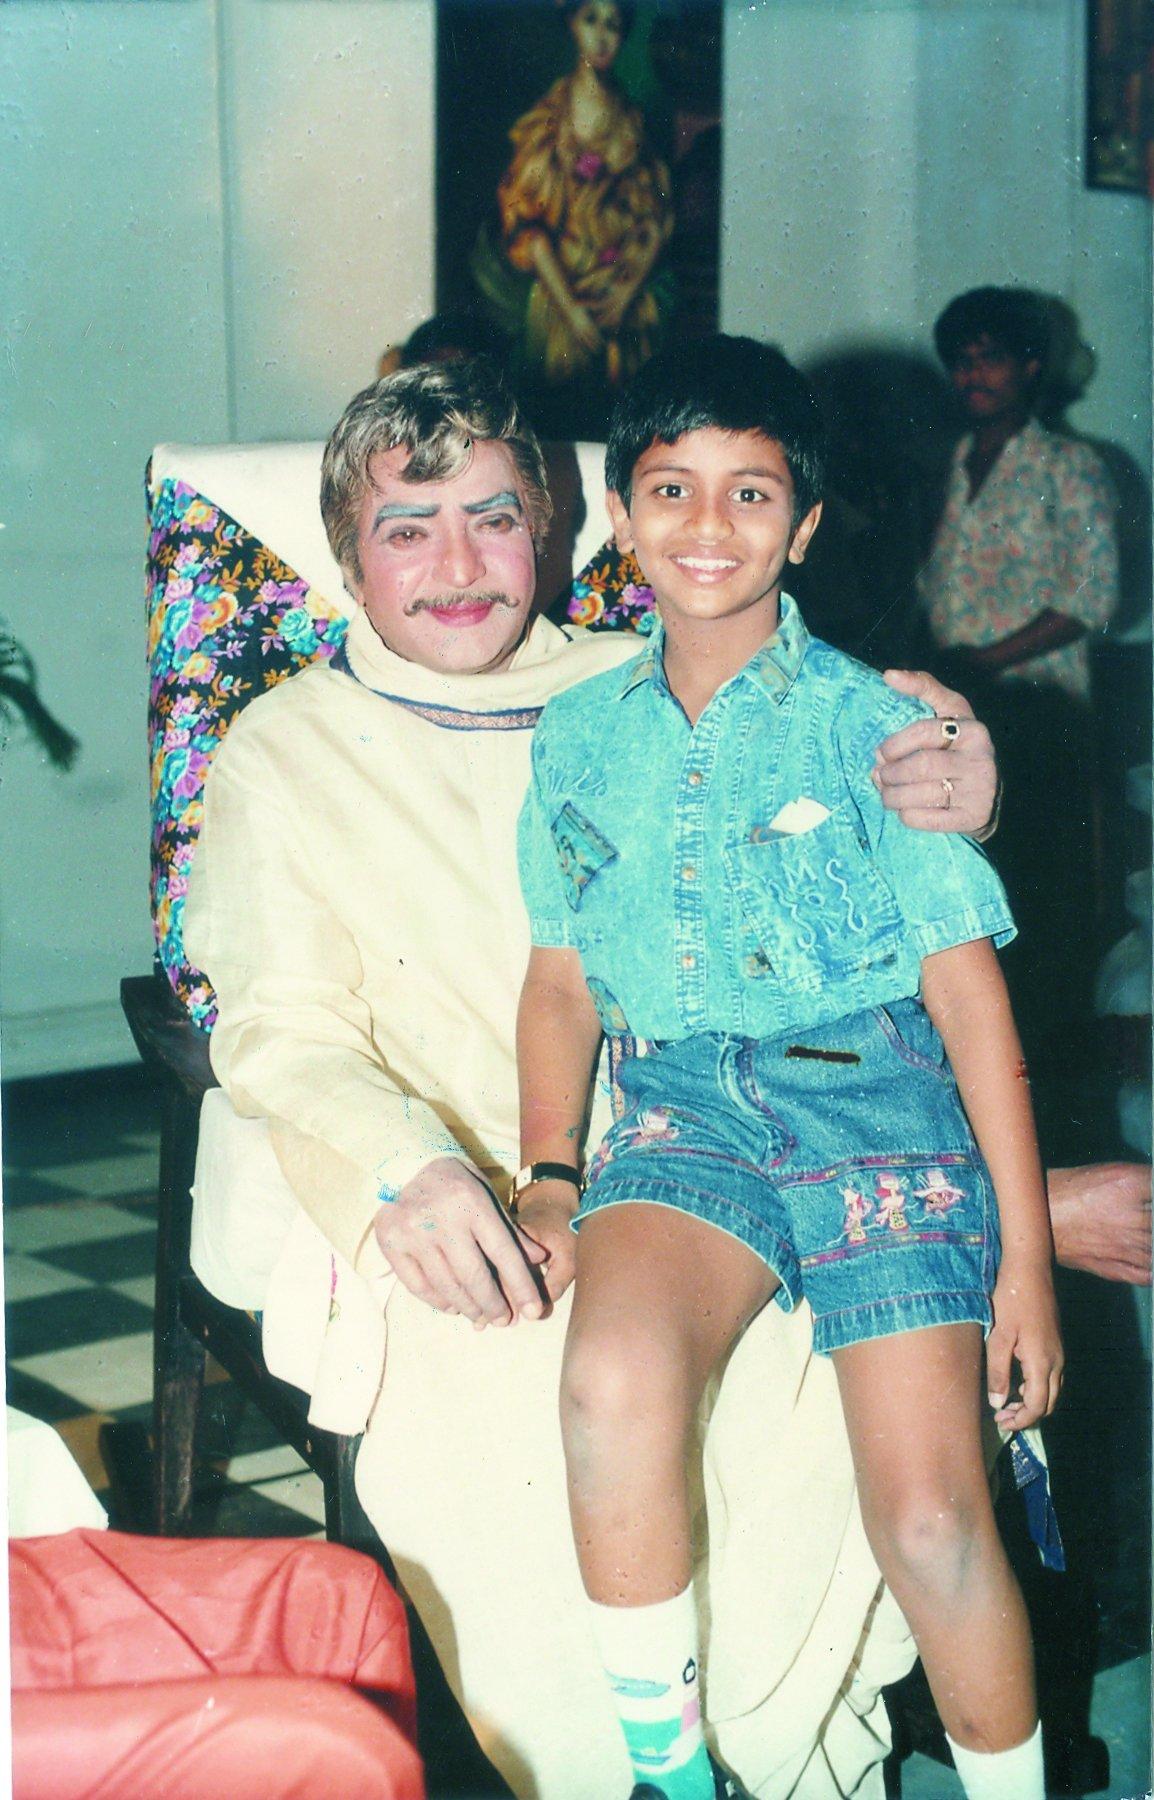 మేజర్ చంద్రకాంత్ సినిమాలో మంచు మనోజ్ బాల నటుడిగా నటించారు. (Twitter/Photo)